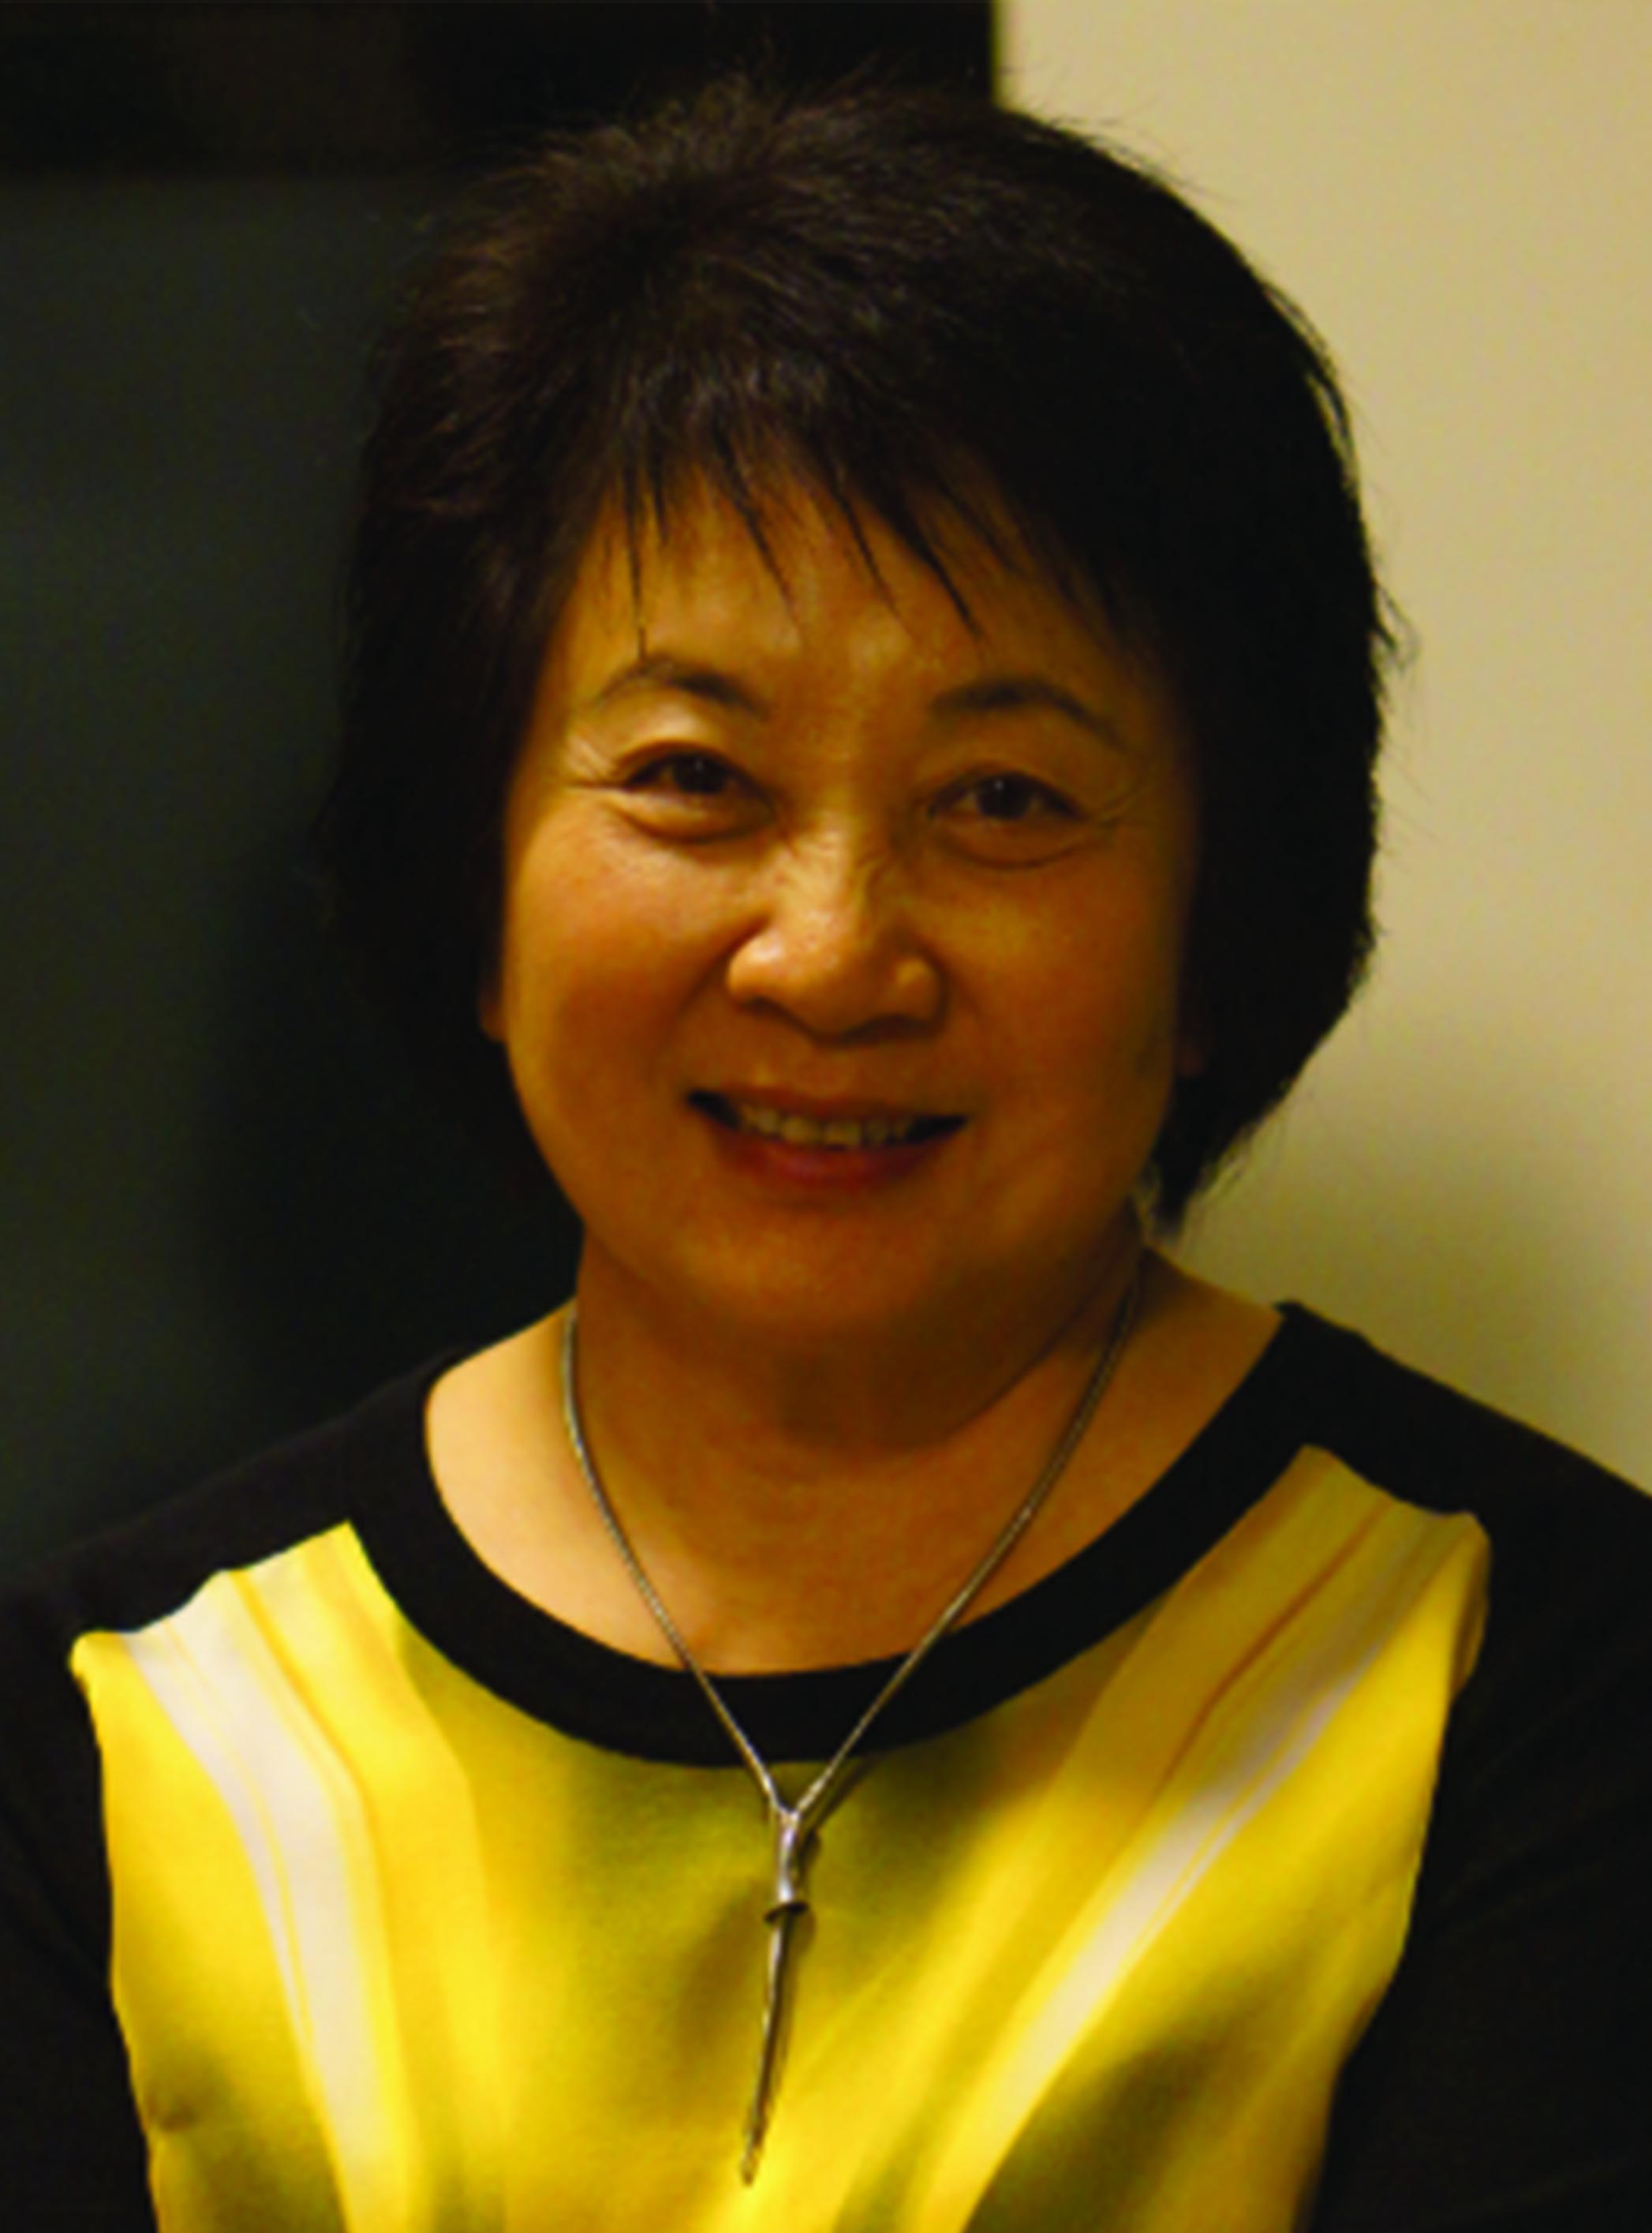 张毅 (Zhang Yi)